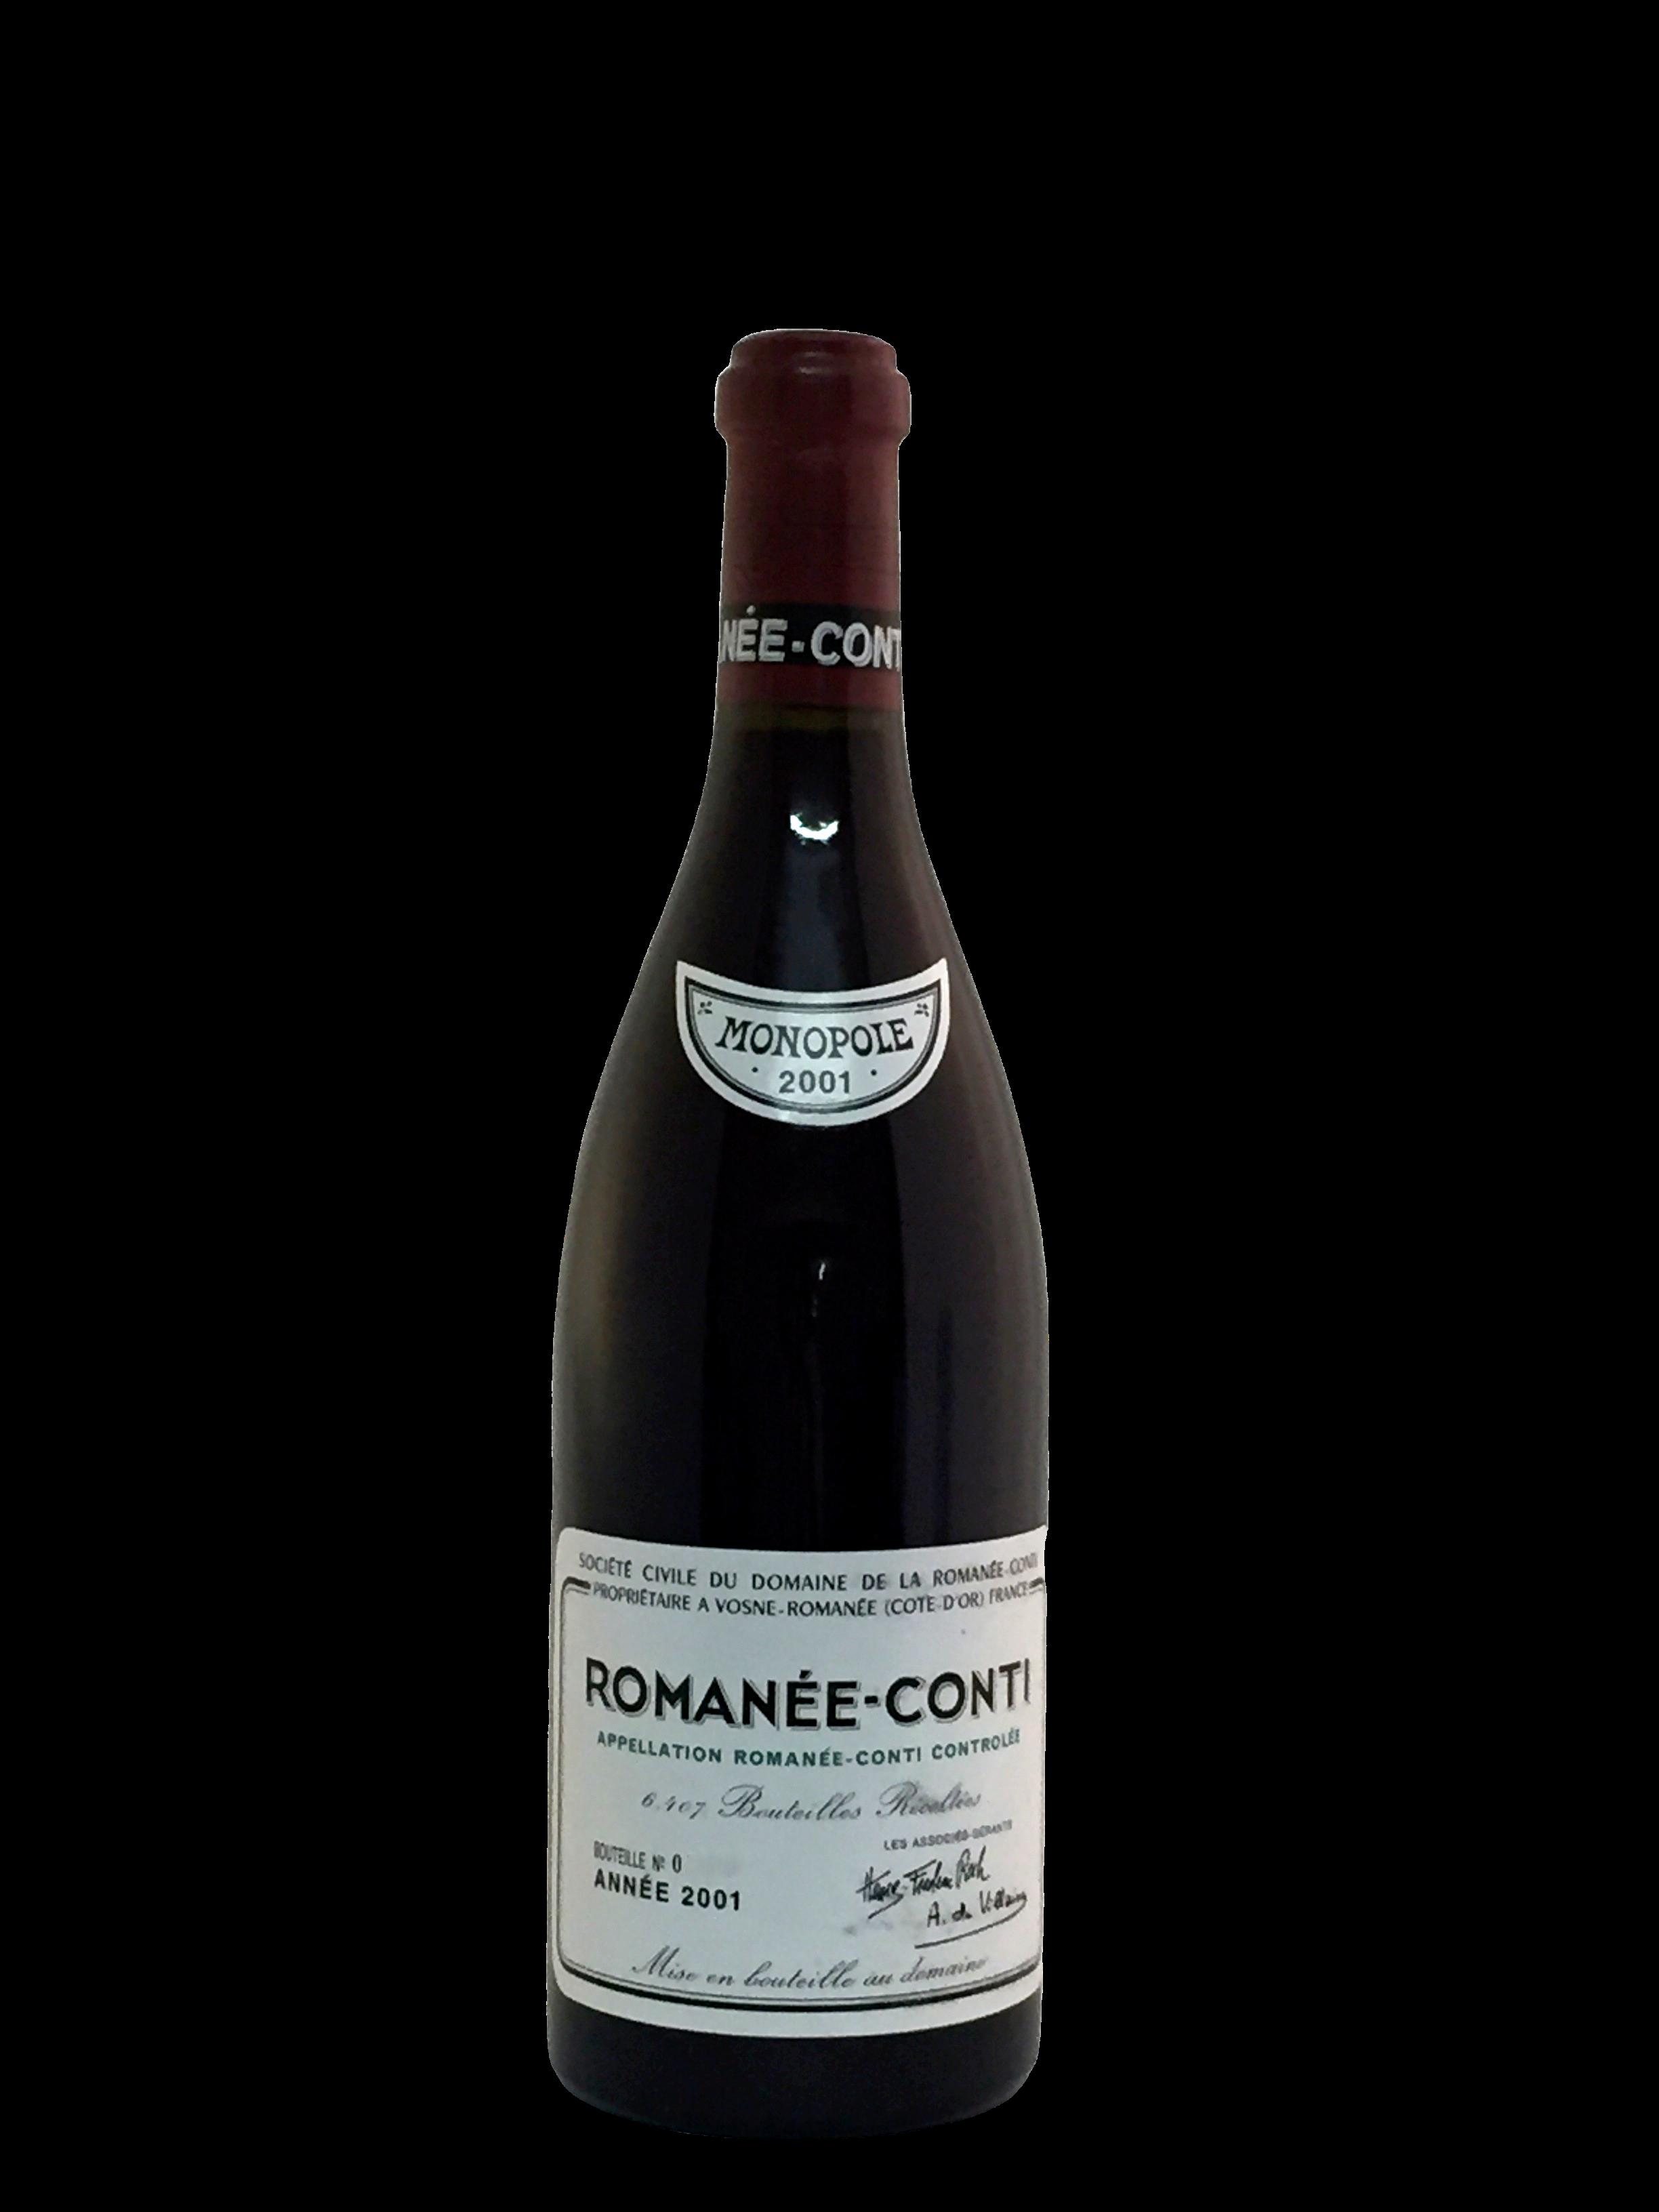 Domaine de la Romanée-Conti (DRC) – Romanée-Conti 2001